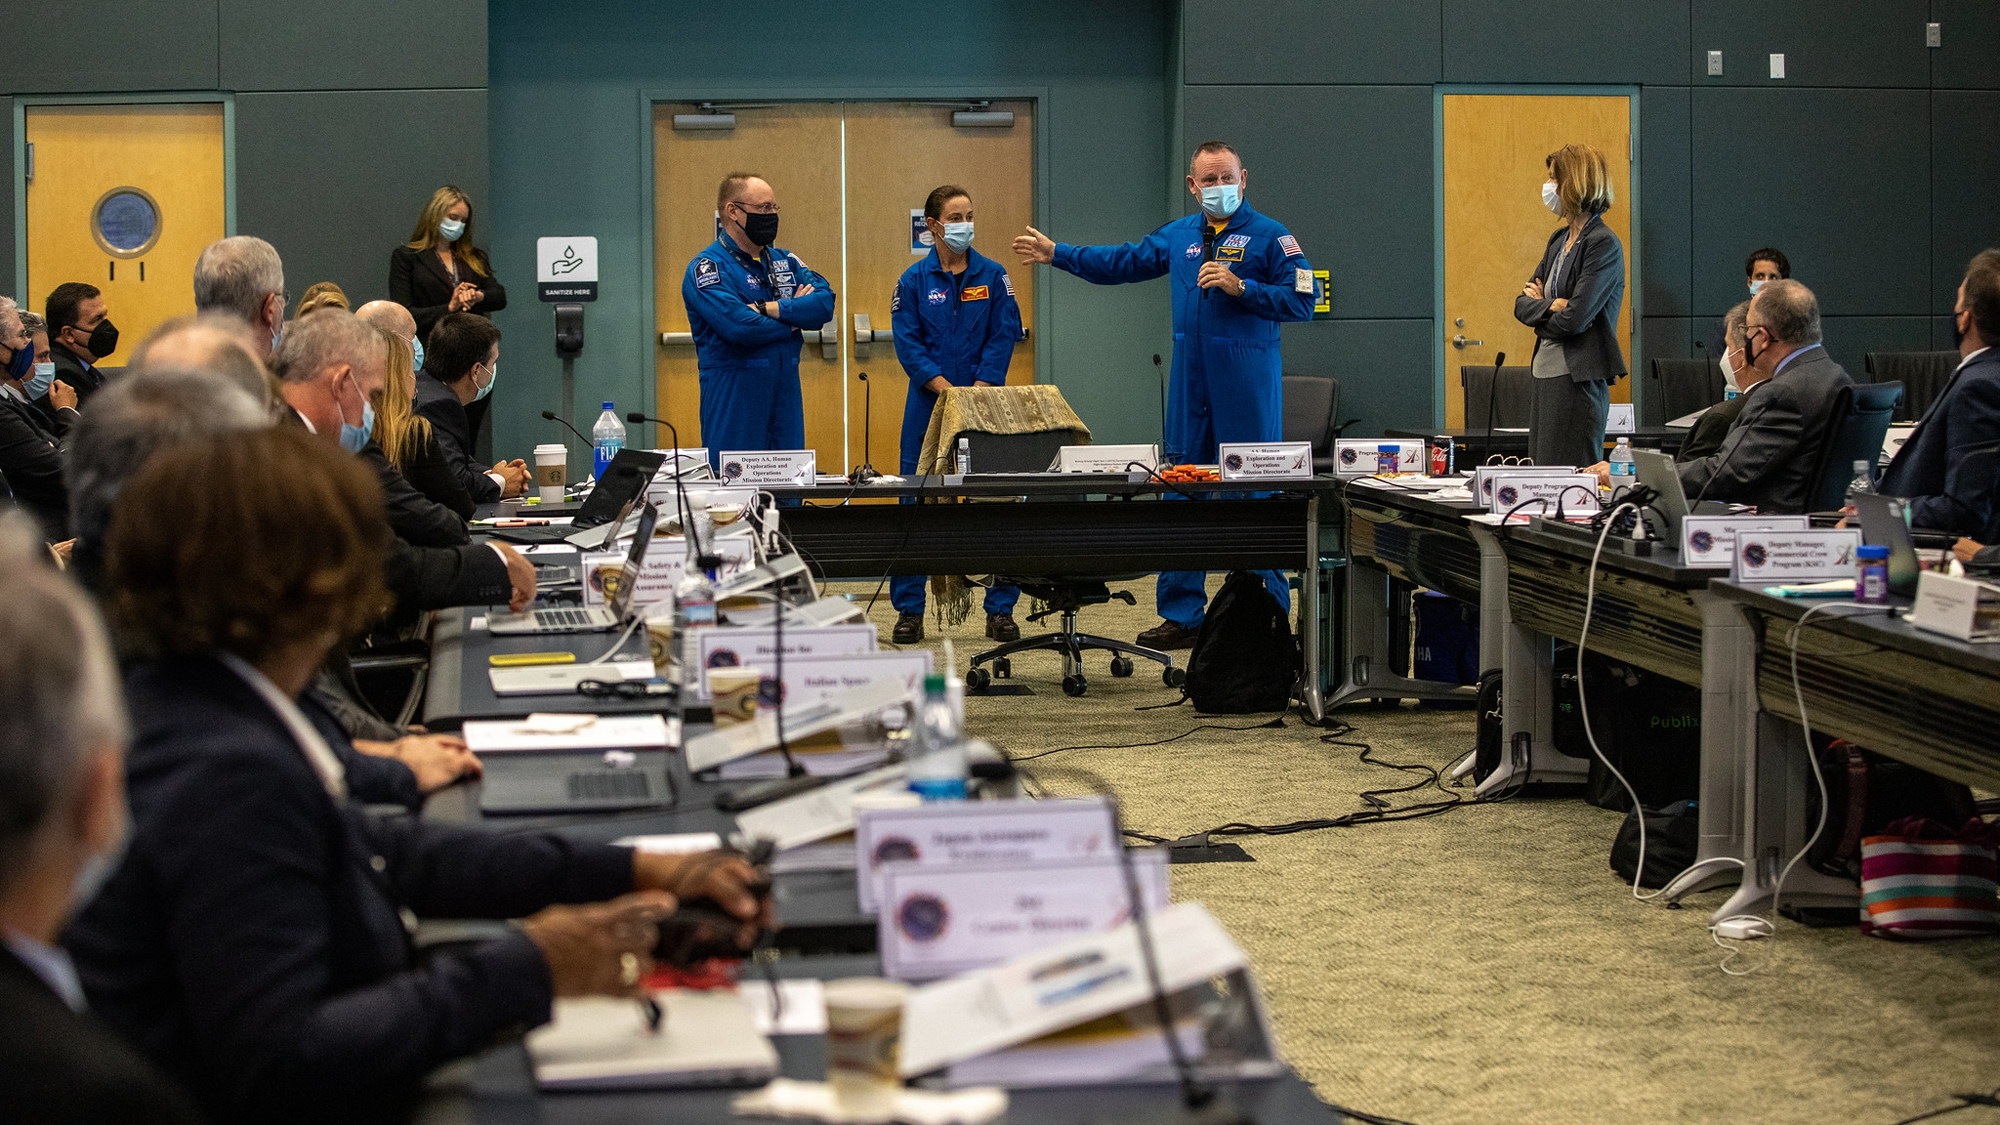 """Come parte di una revisione della prontezza di volo per l'Orbital Flight Test-2 (OFT-2) di Boeing, gli astronauti della NASA per testare il Boeing Crew Flight Test (CFT), il comandante Barry """"Butch"""" Willmore, il pilota Nicole Mann e il comandante delle operazioni congiunte E. Michael """"Mike"""" Fincke si rivolge ai manager della NASA e della Boeing presso l'Operations Support Building 2 presso il Kennedy Space Center della NASA in Florida, il 22 luglio 2021."""